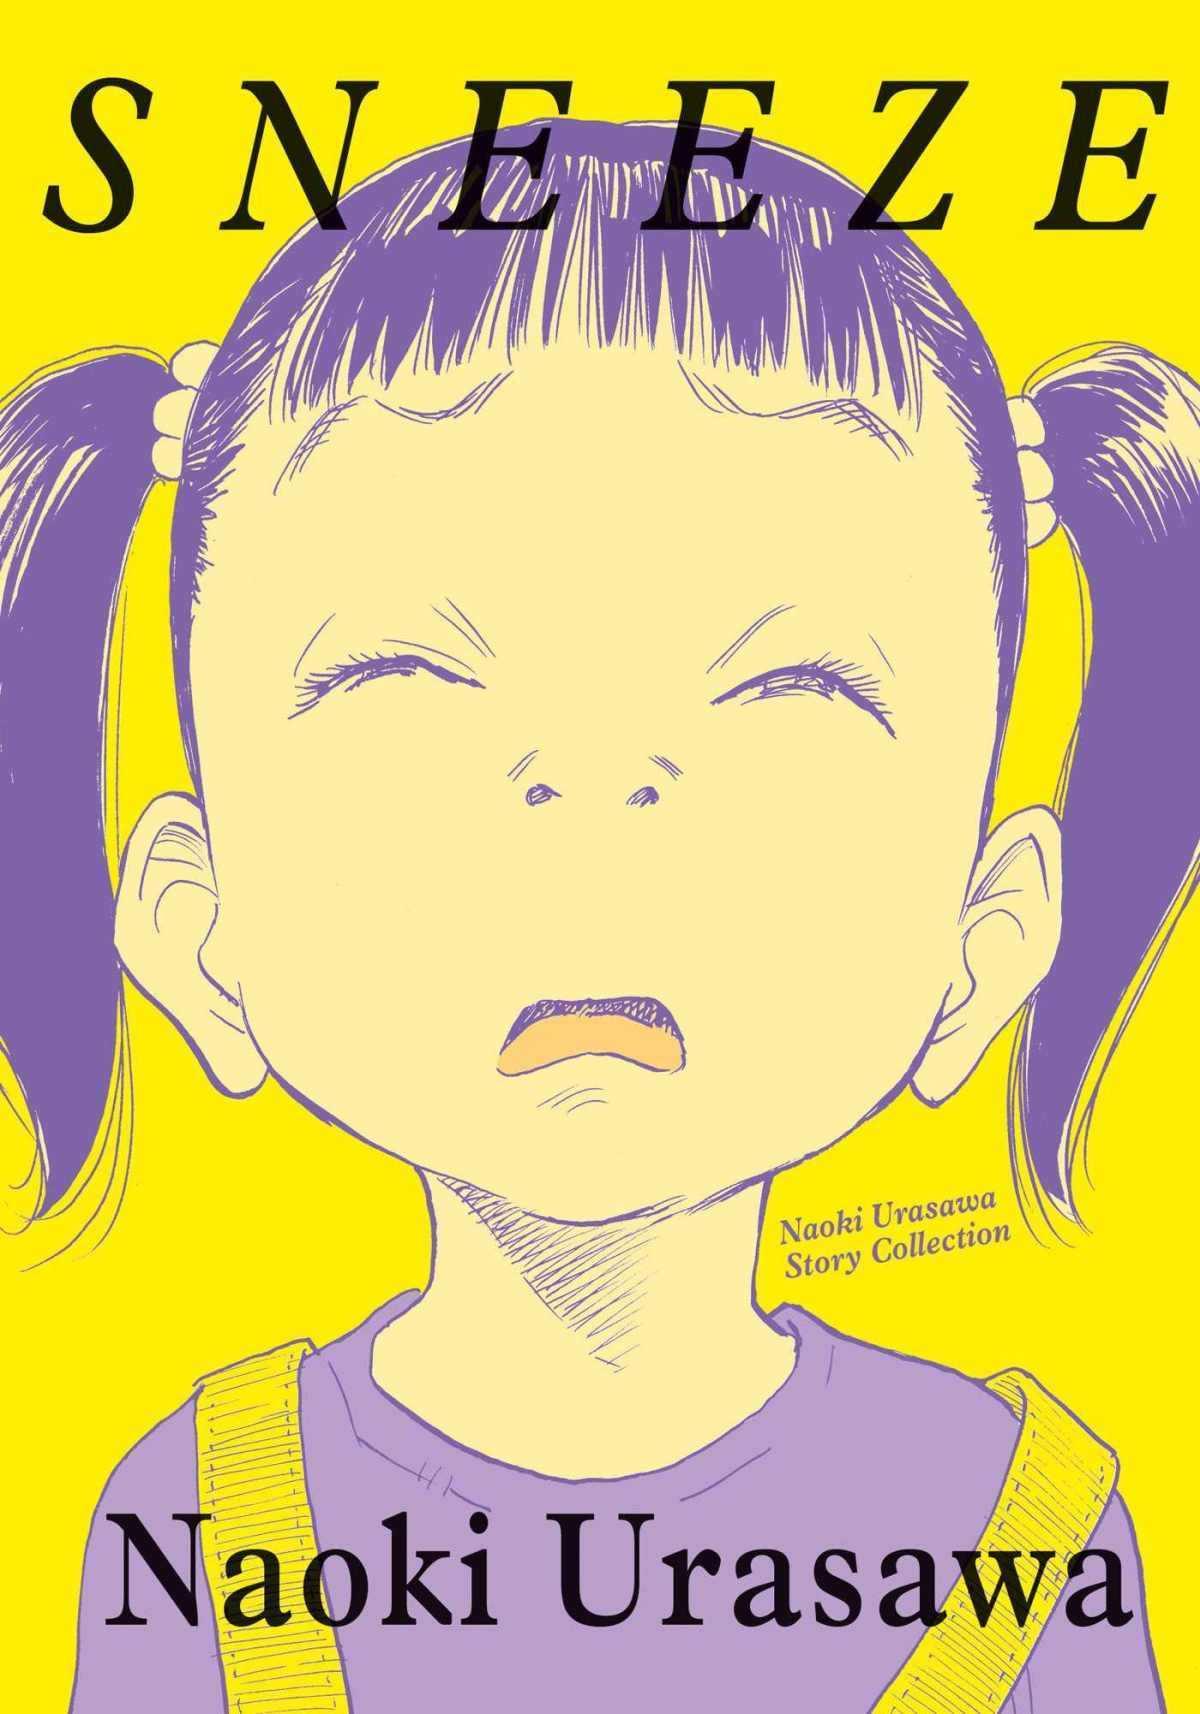 Sneeze Naoki Urasawa Story Collection